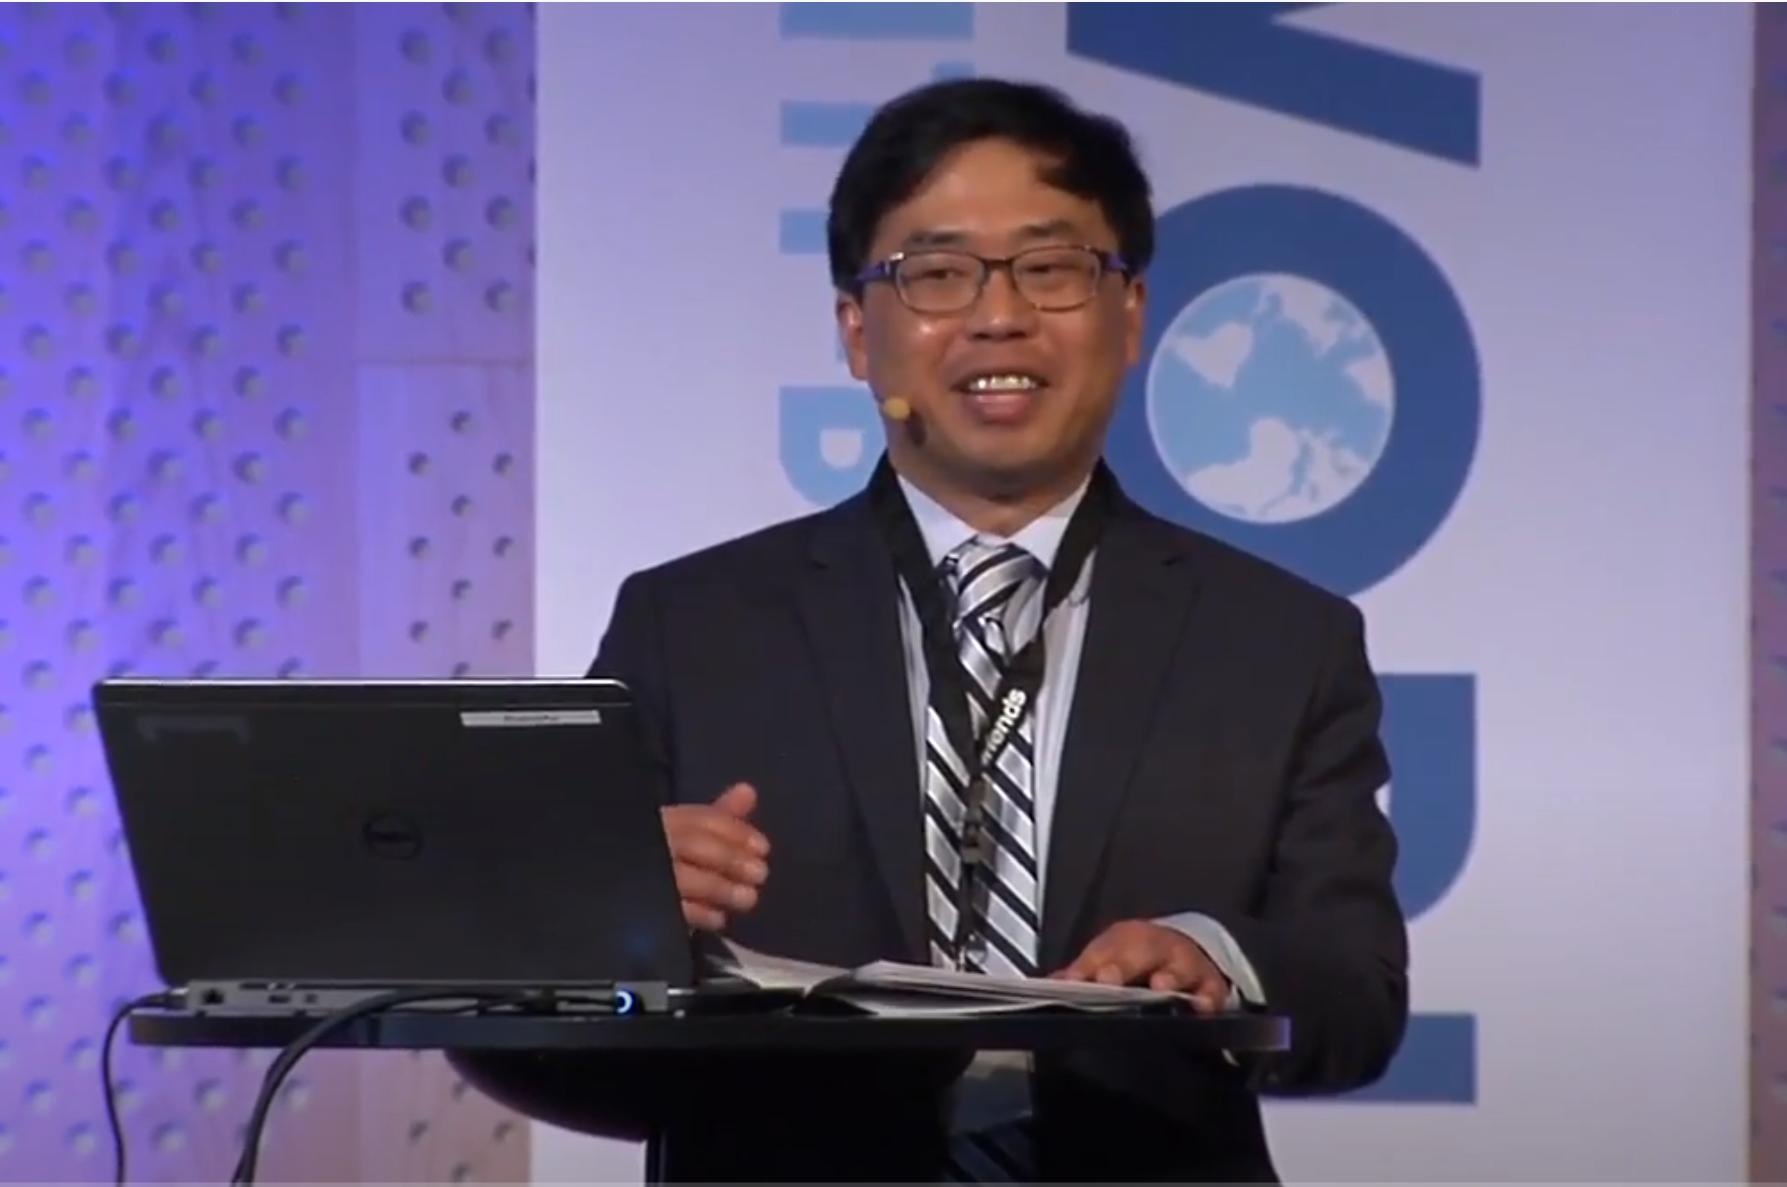 Jung Sung Hong Keynote Speaker WABF 2017